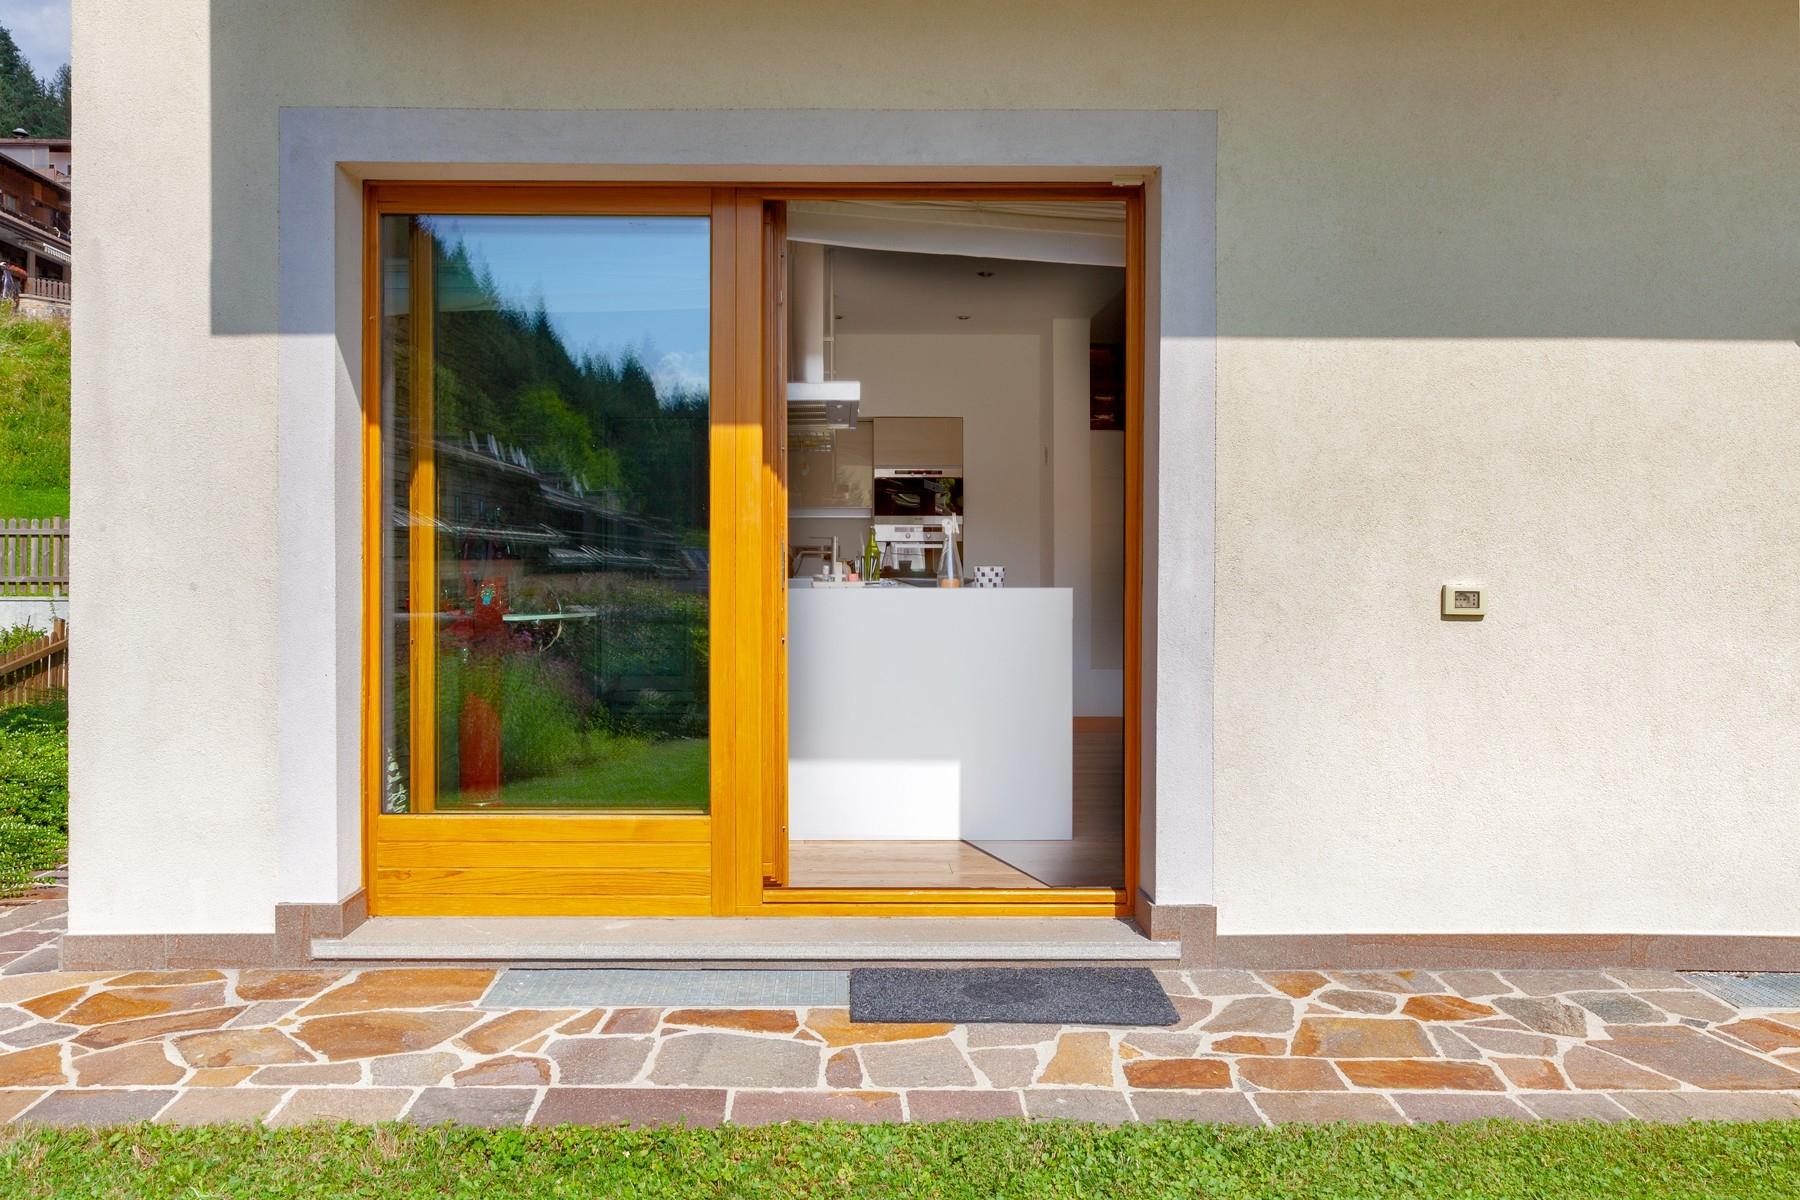 Casa indipendente in Vendita a Tarvisio: 5 locali, 300 mq - Foto 27